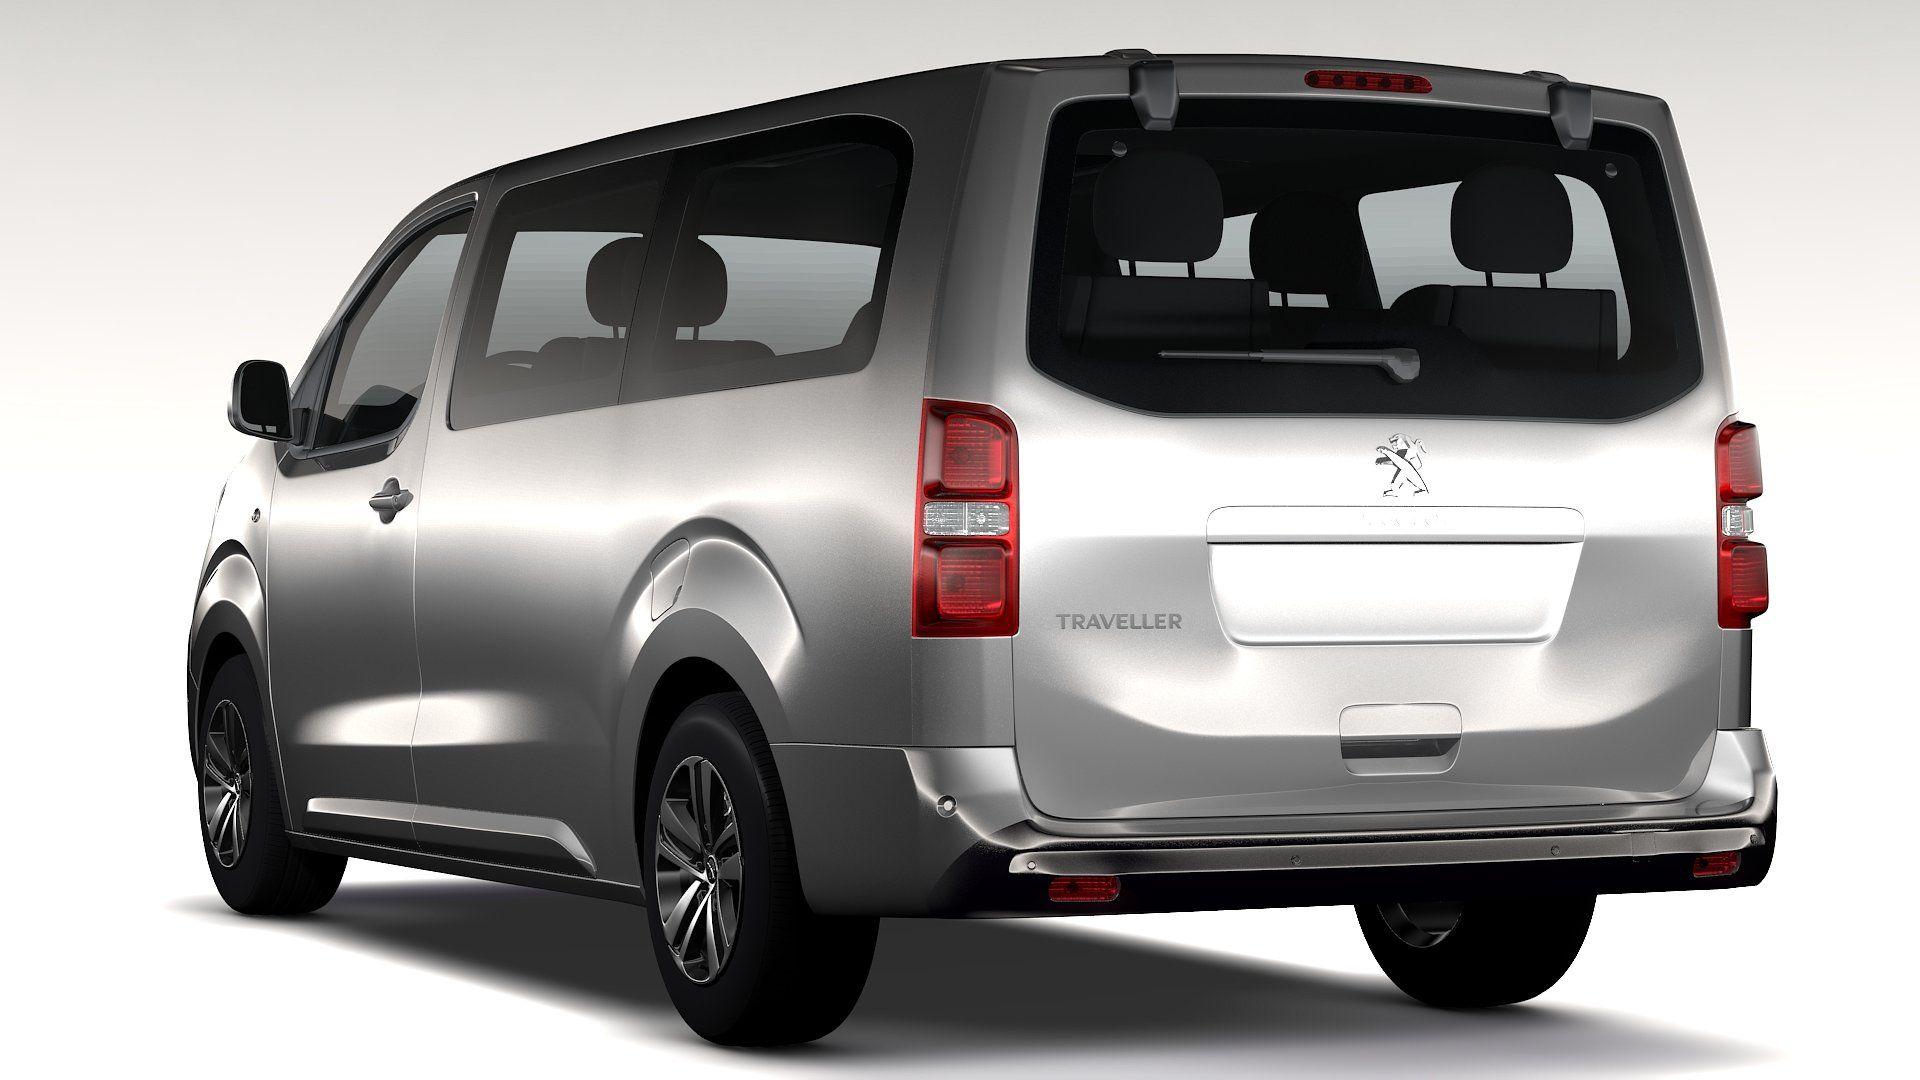 Peugeot Traveller L3 2017 Coloraplychangereal